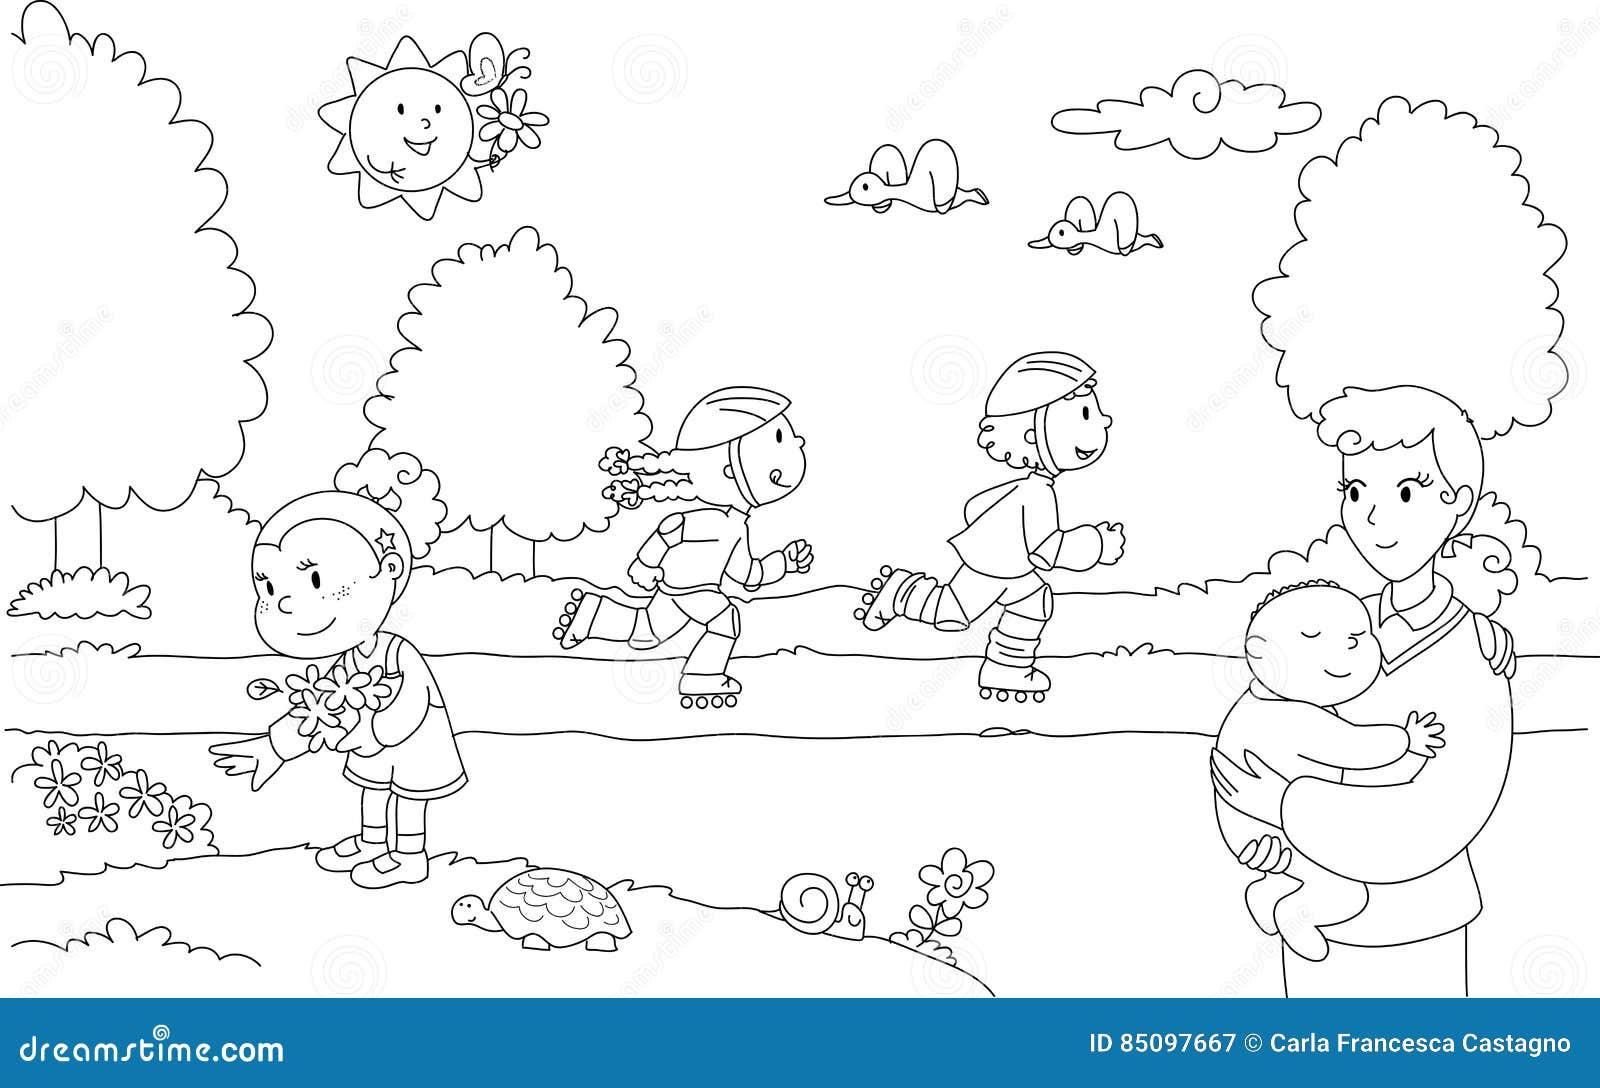 povos no parque ilustra u00e7 u00e3o do vetor  ilustra u00e7 u00e3o de colora u00e7 u00e3o